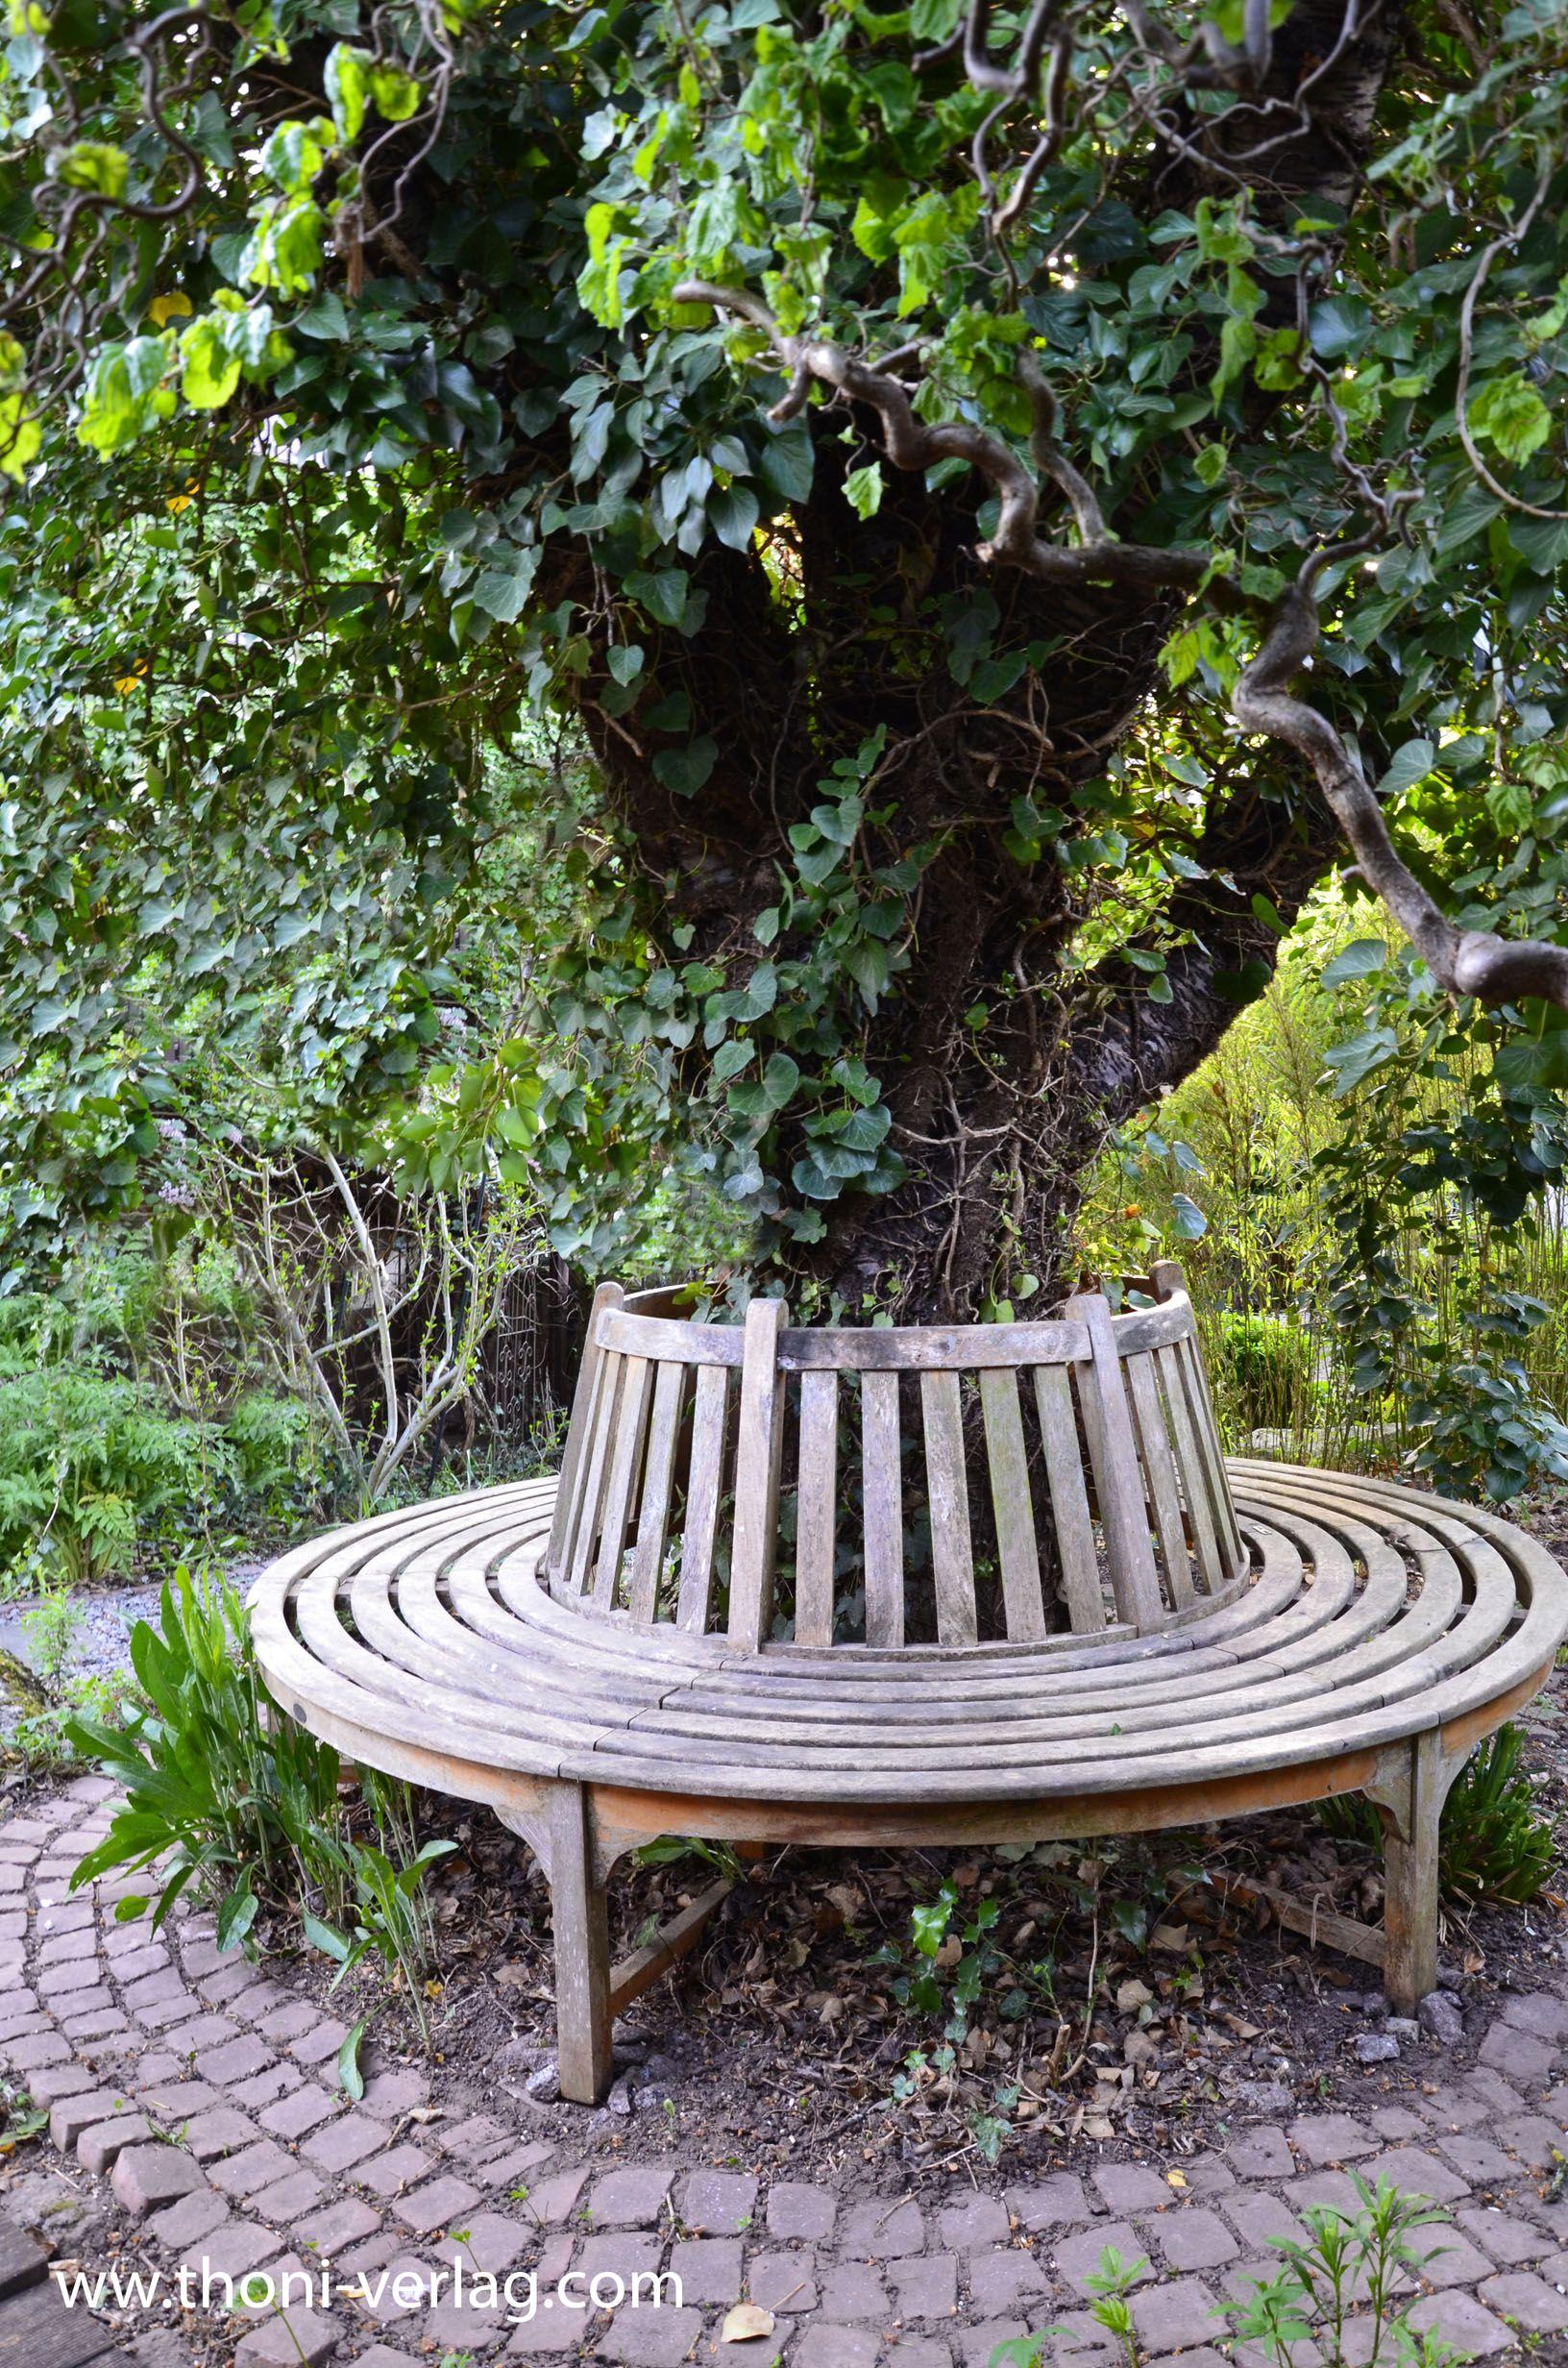 Der Alte Kirschbaum Und Die Baumbank Wer Den Garten Der Alten Dame Kennt Weiss Was Sich Dahinter Verbirgt Ja Auch Dieses Garten Baumbank Garten Ideen